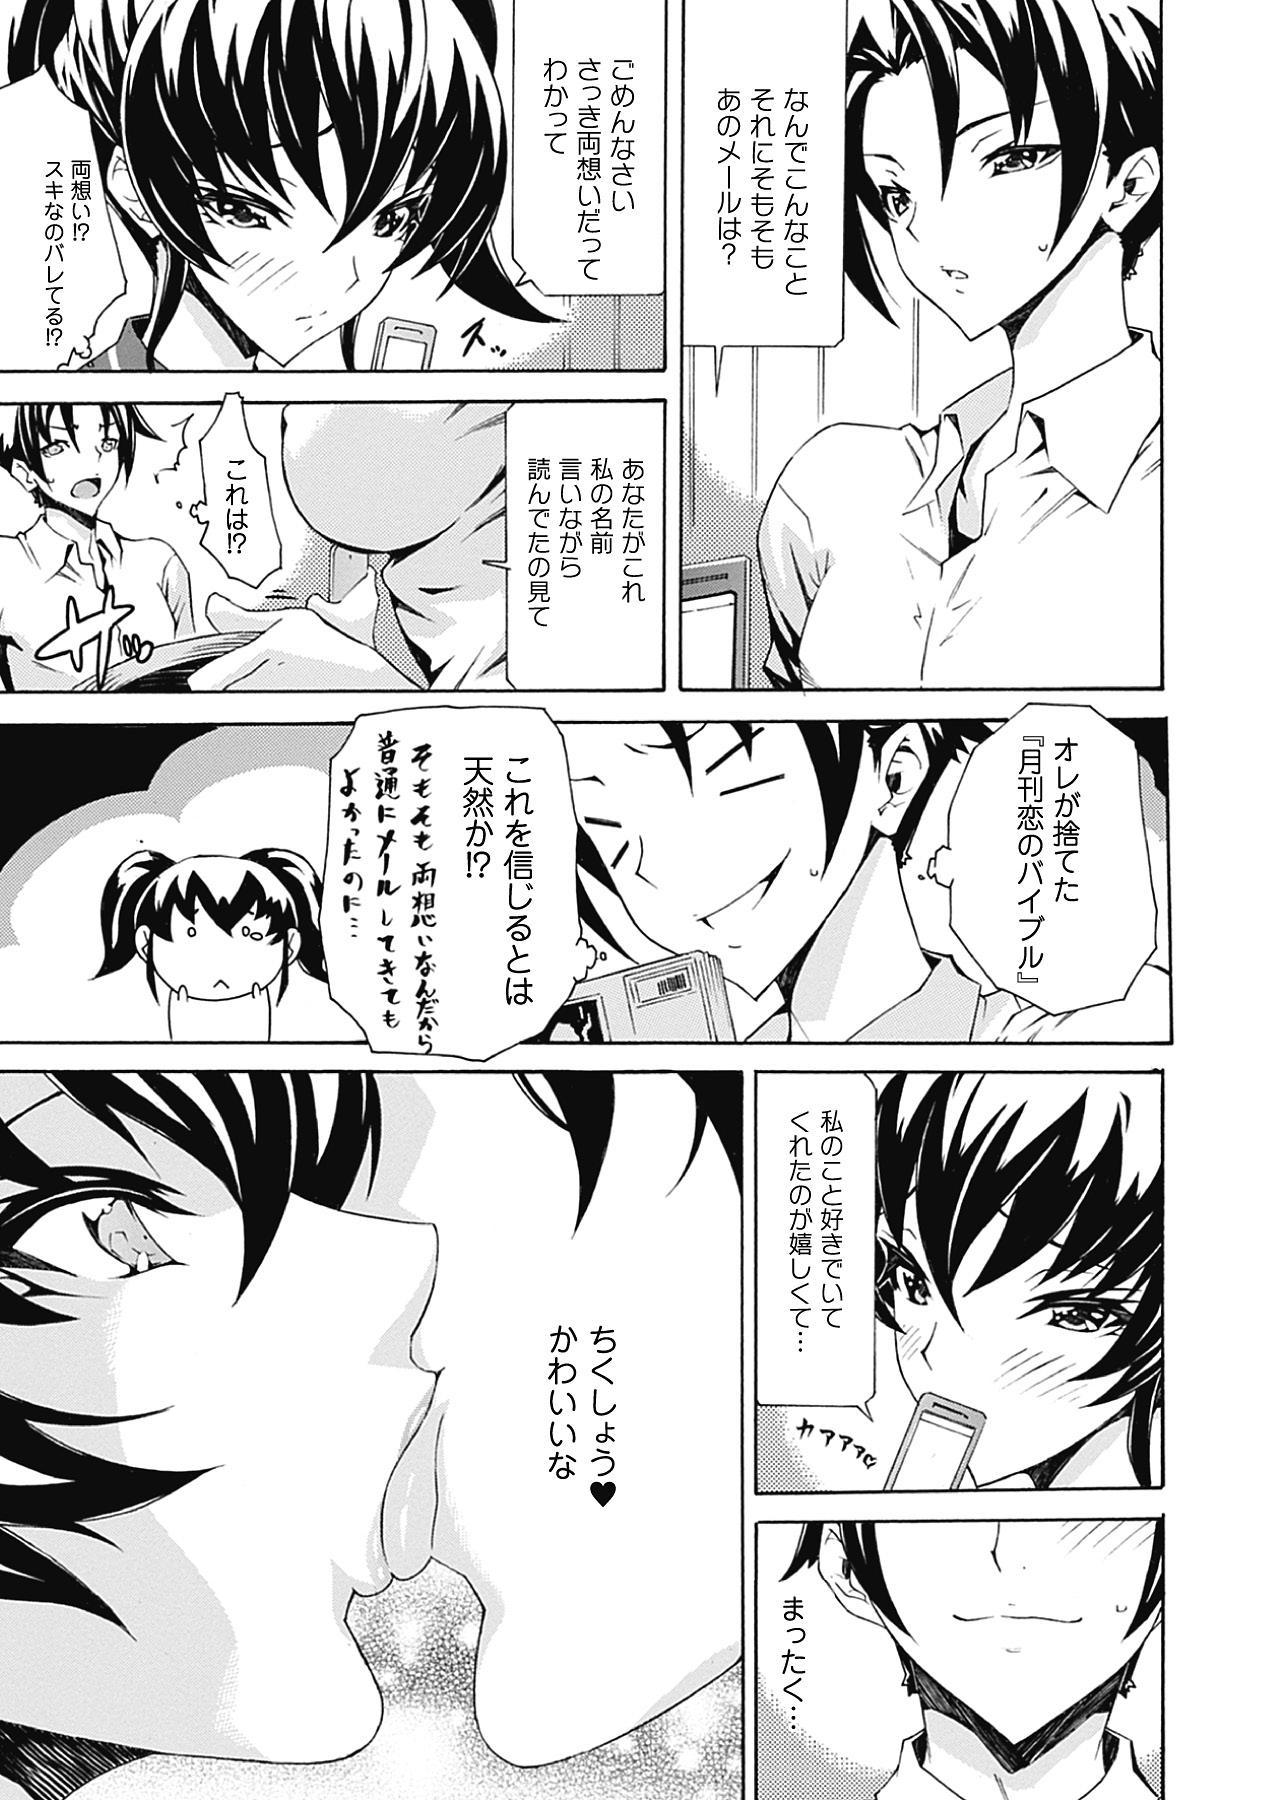 Seiin Shoujo 128